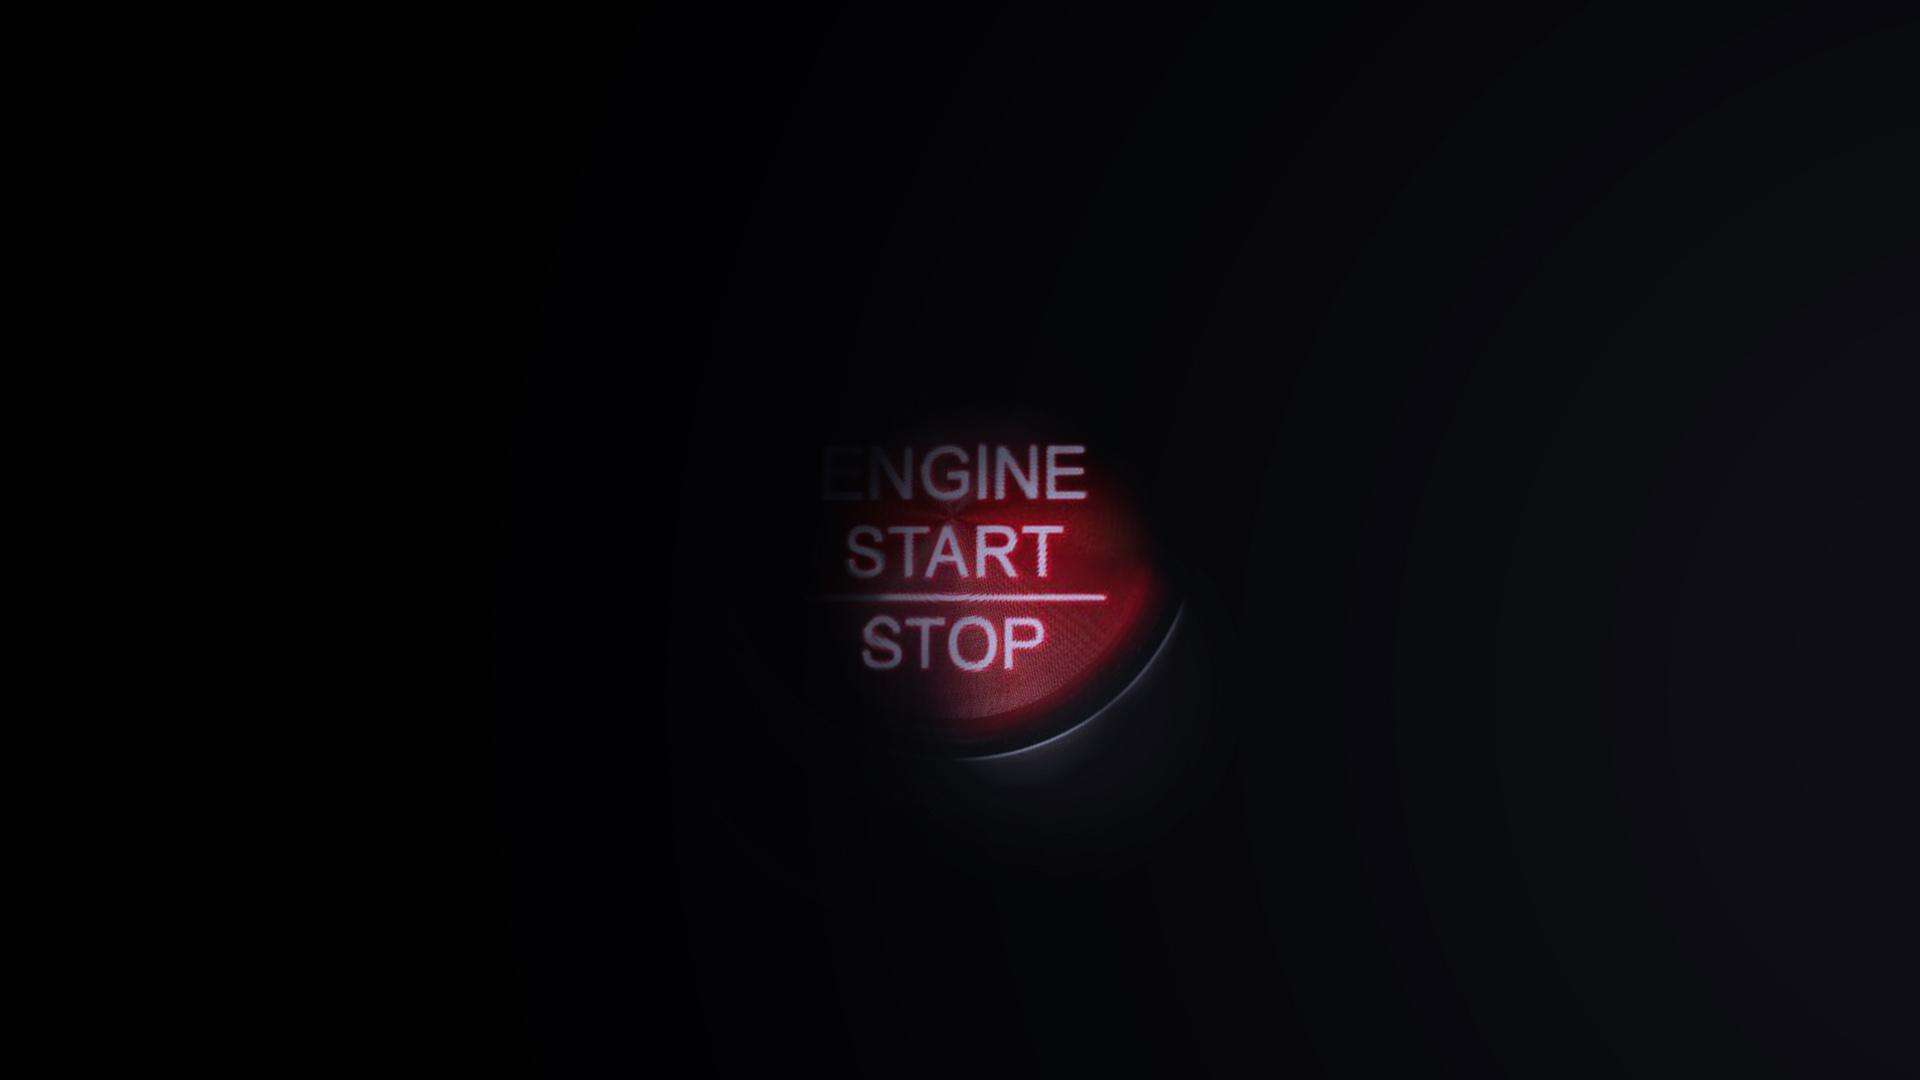 Acura_Frame_01.jpg